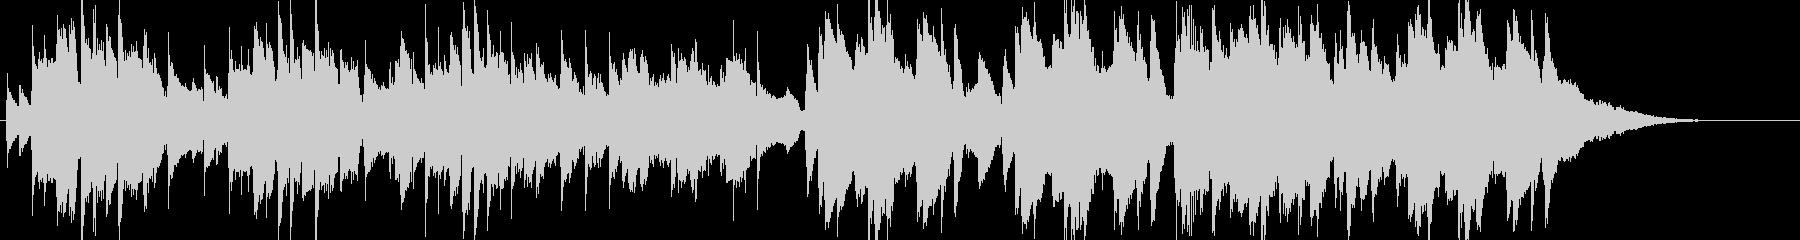 切ないアコースティックギターBGMの未再生の波形